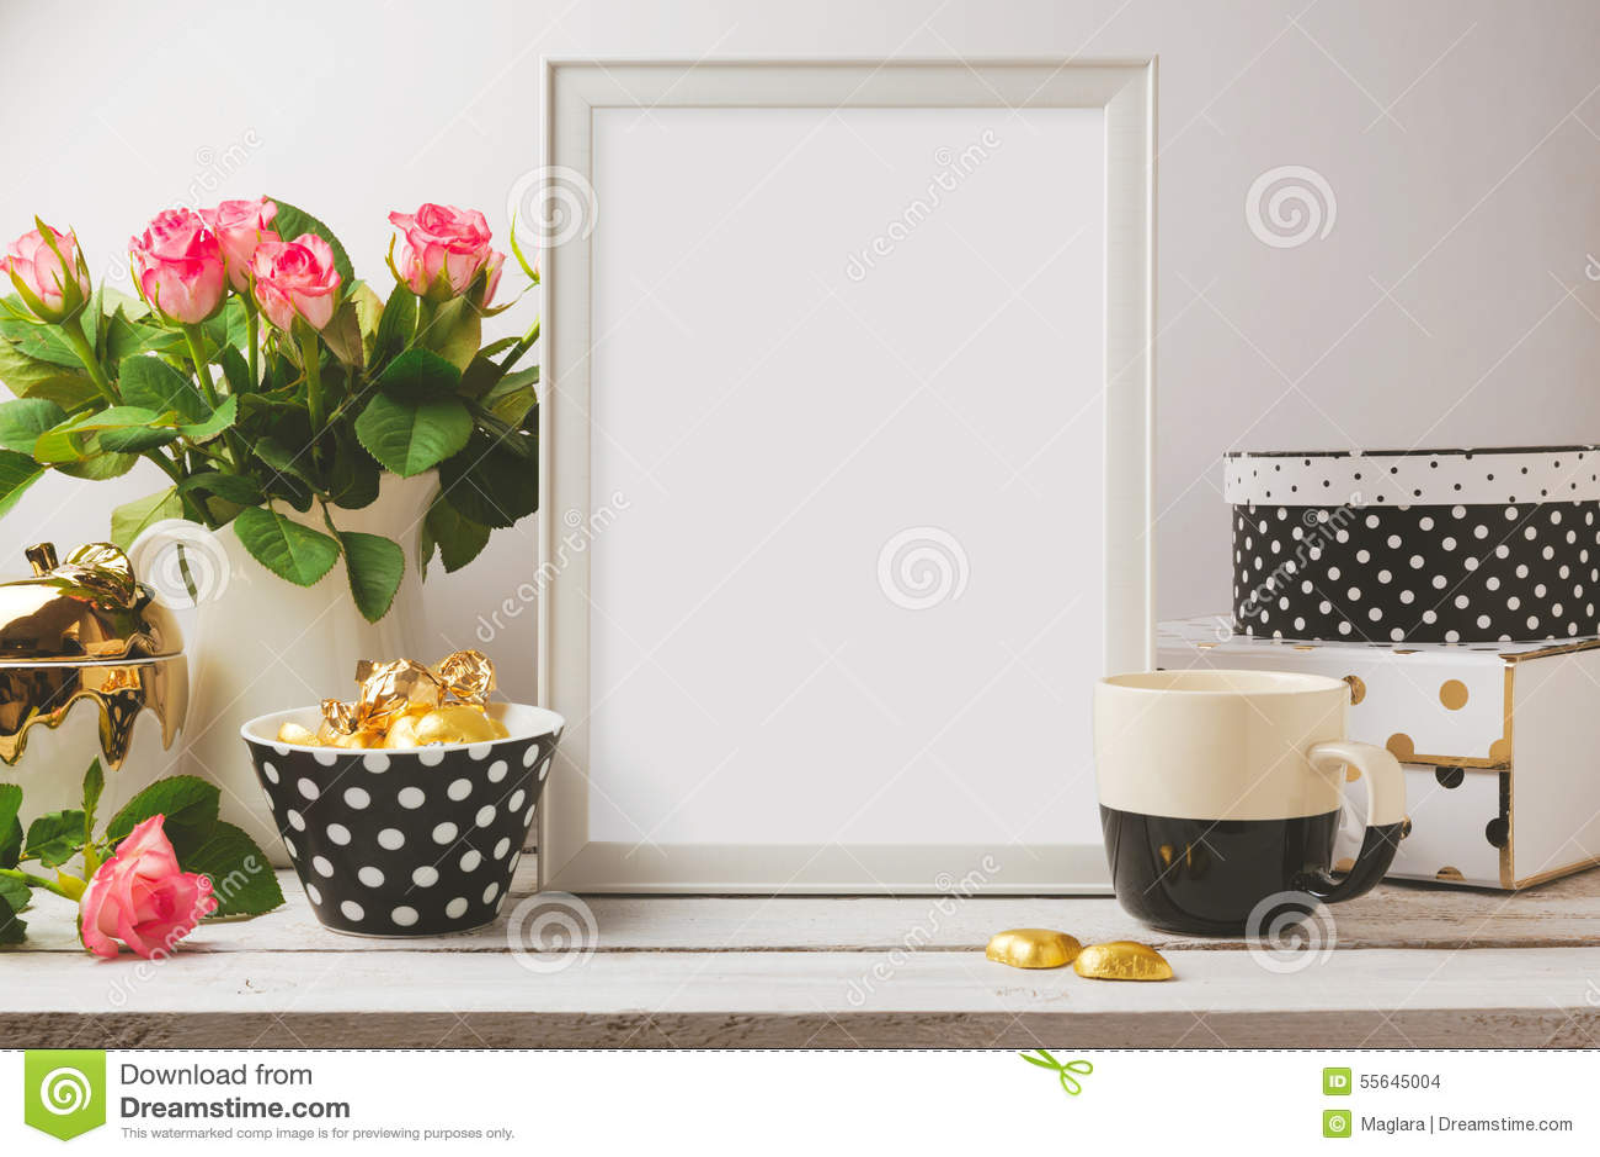 De spot van het affichemalplaatje omhoog met glamour en elegante vrouwelijke voorwerpen